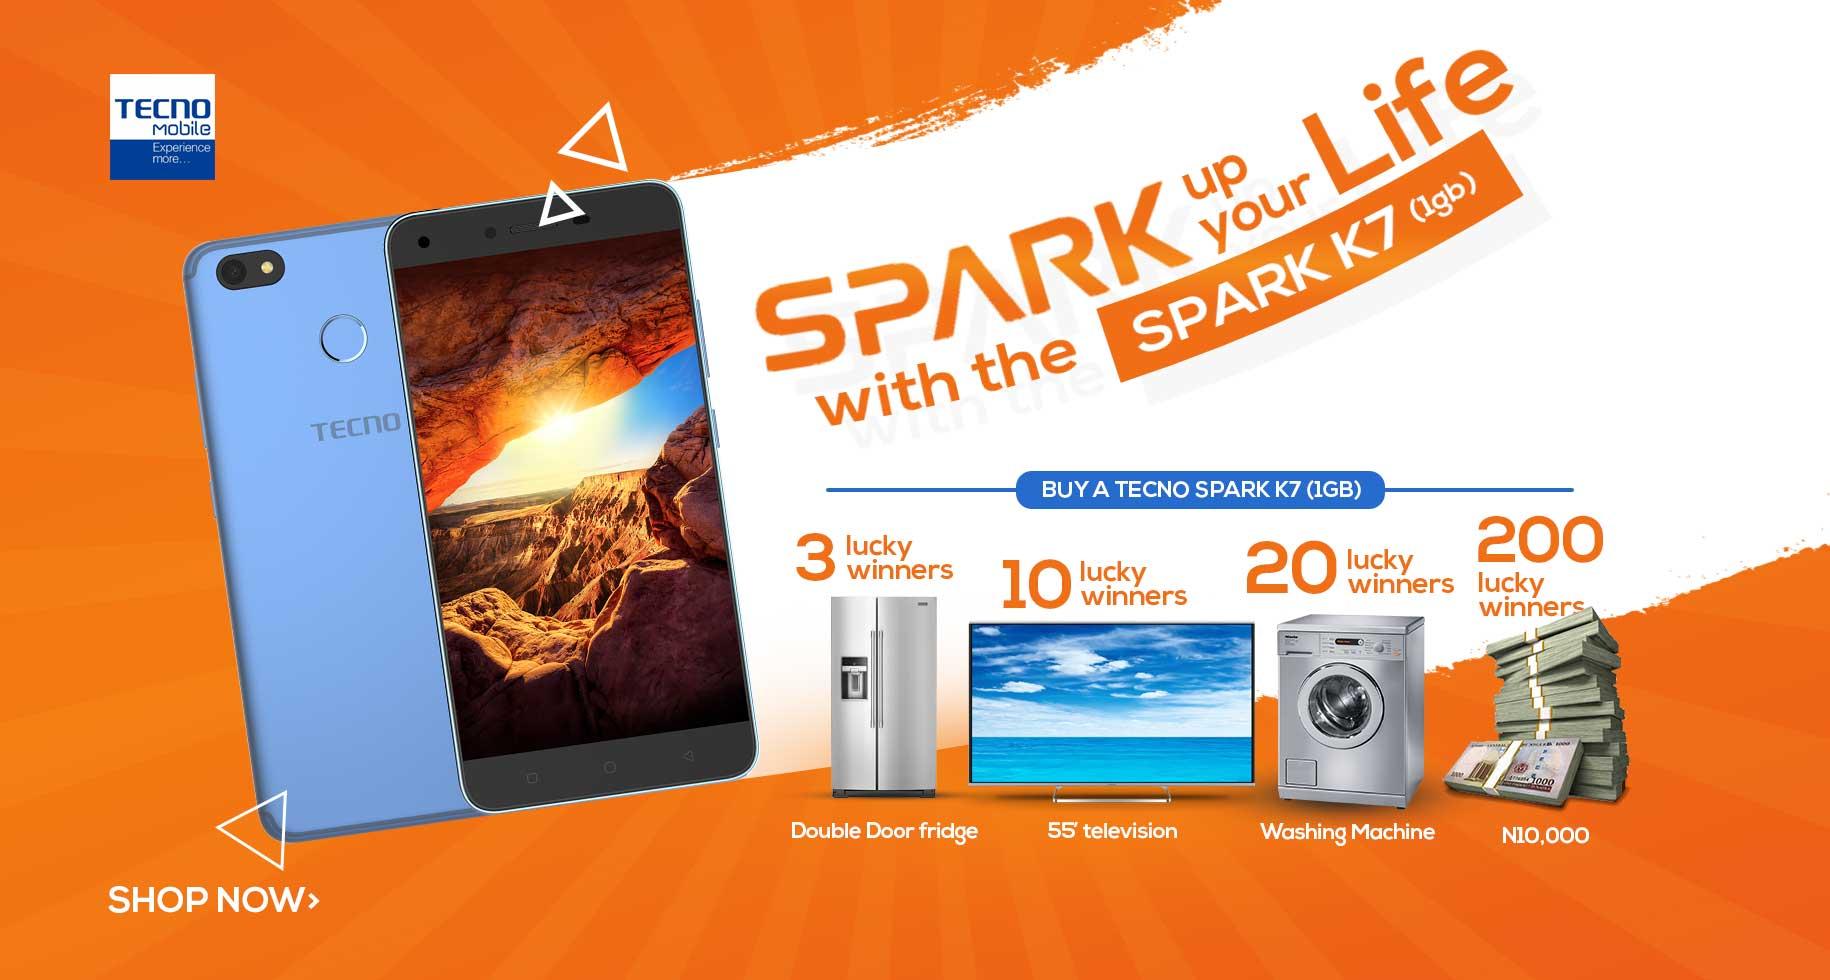 Tecno Spark k7 Give away - Pointekonline